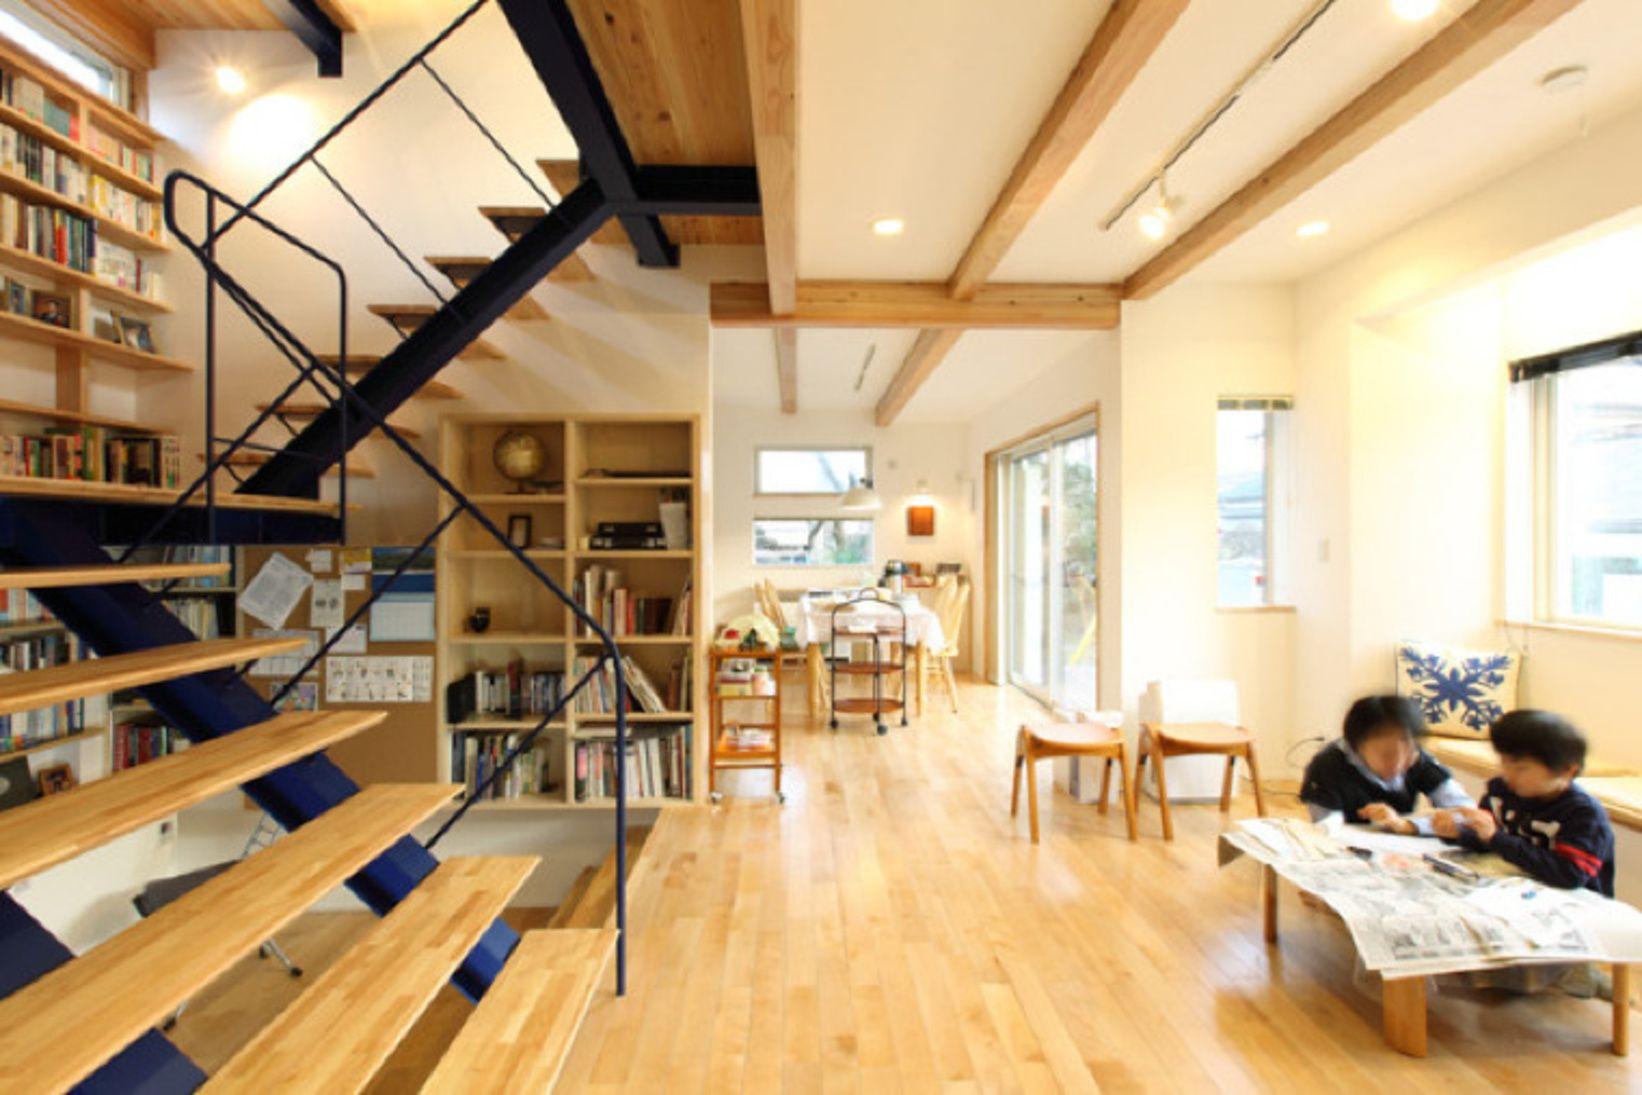 子供たちも元気に育つ吹き抜け大階段 でっかい階段のある家 Tau設計